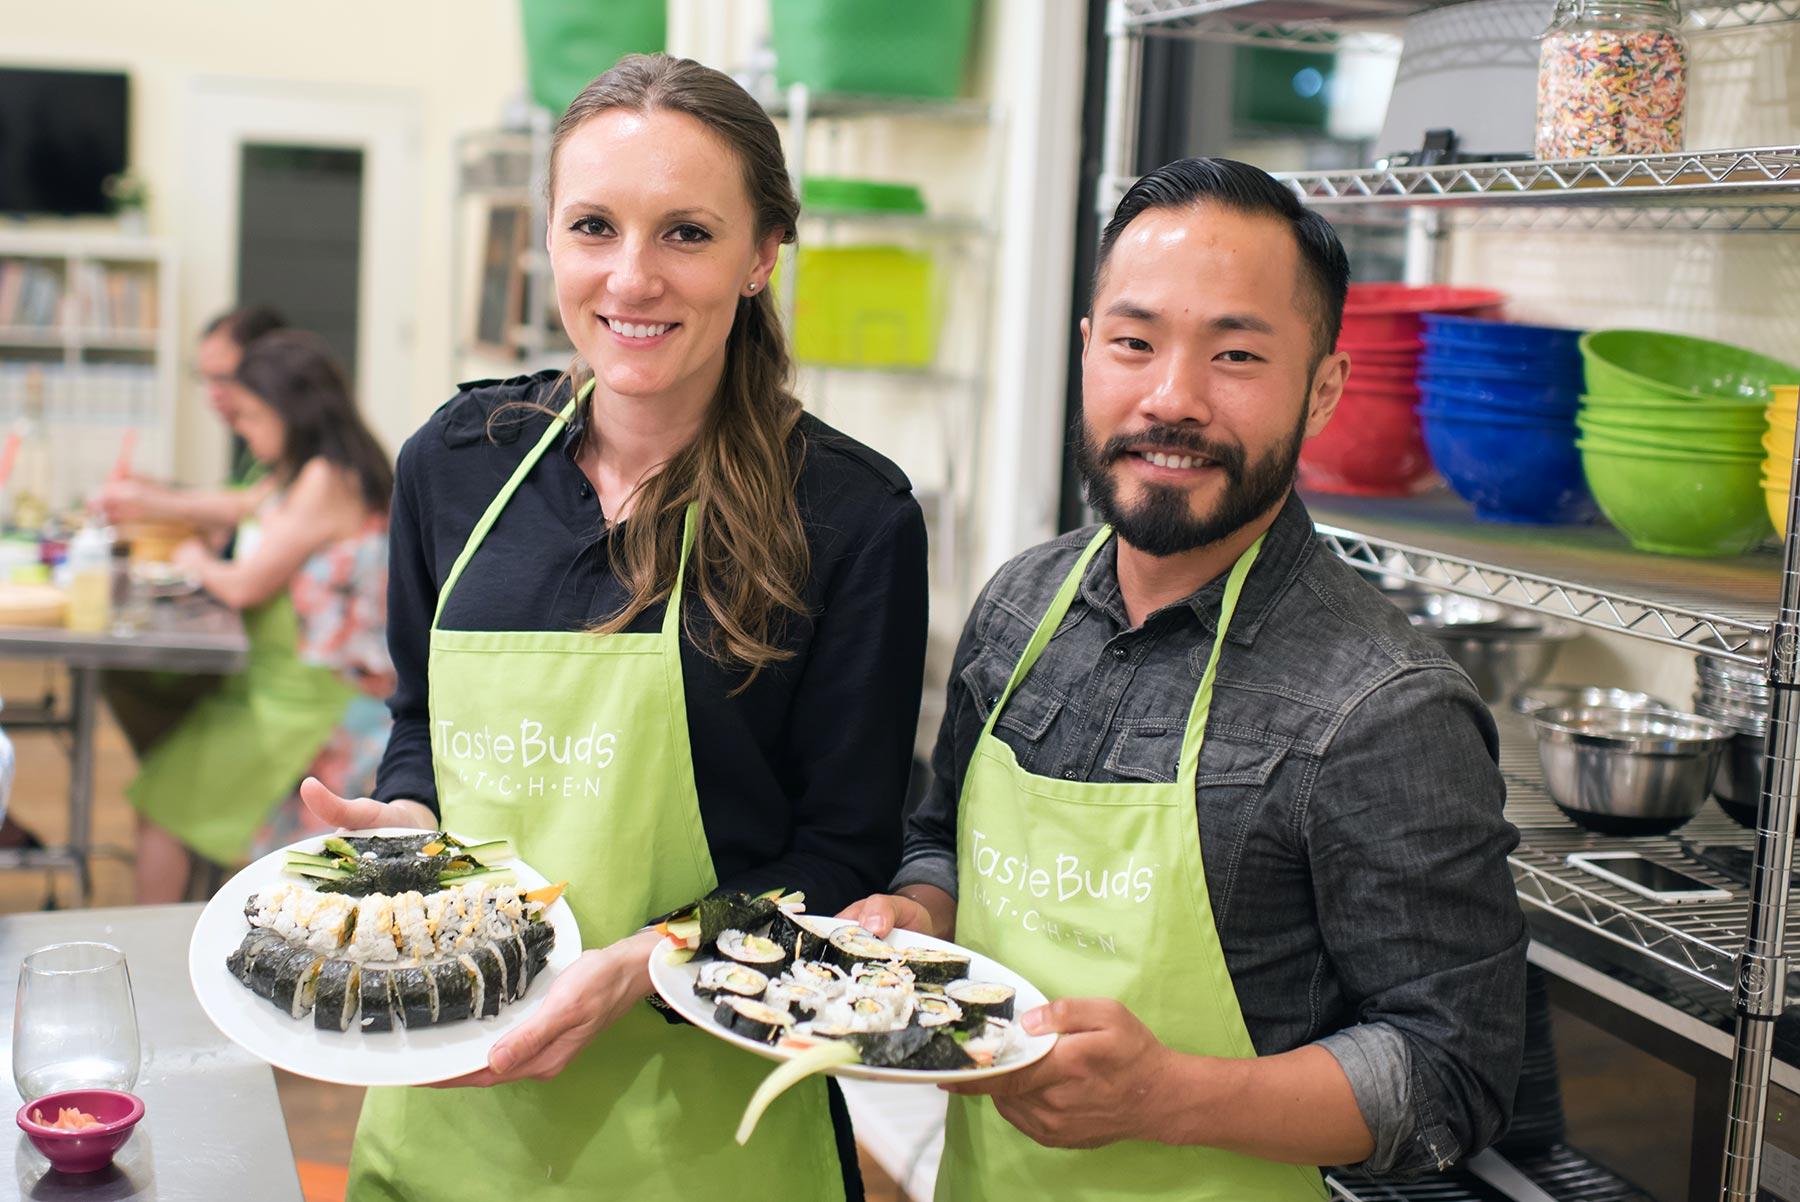 taste-buds-kitchen-adult-corporate-header